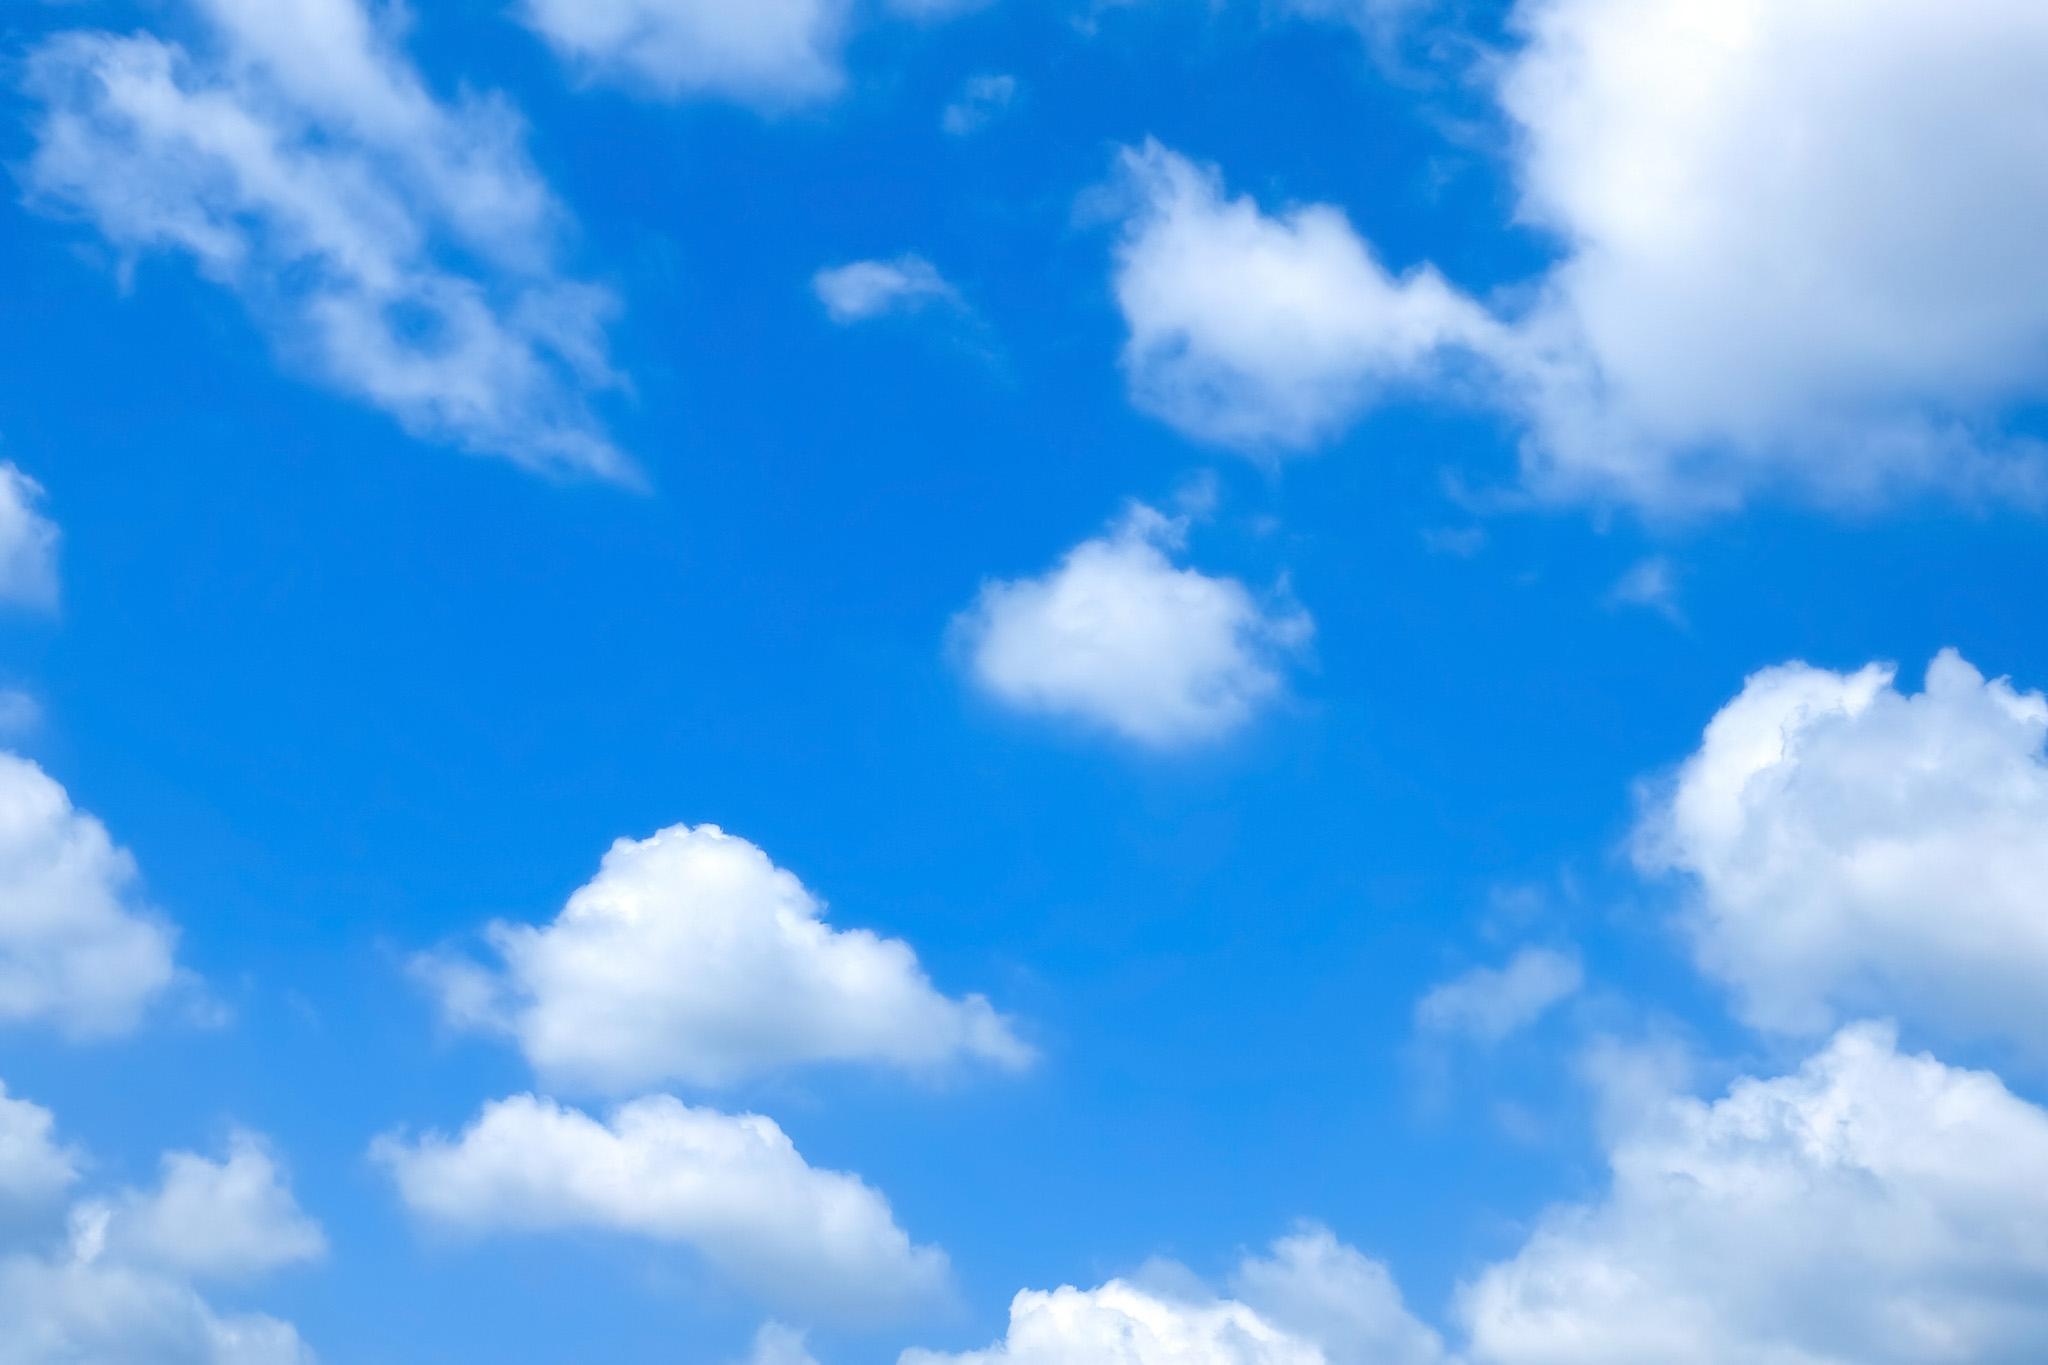 「青空と綿菓子みたいな雲」